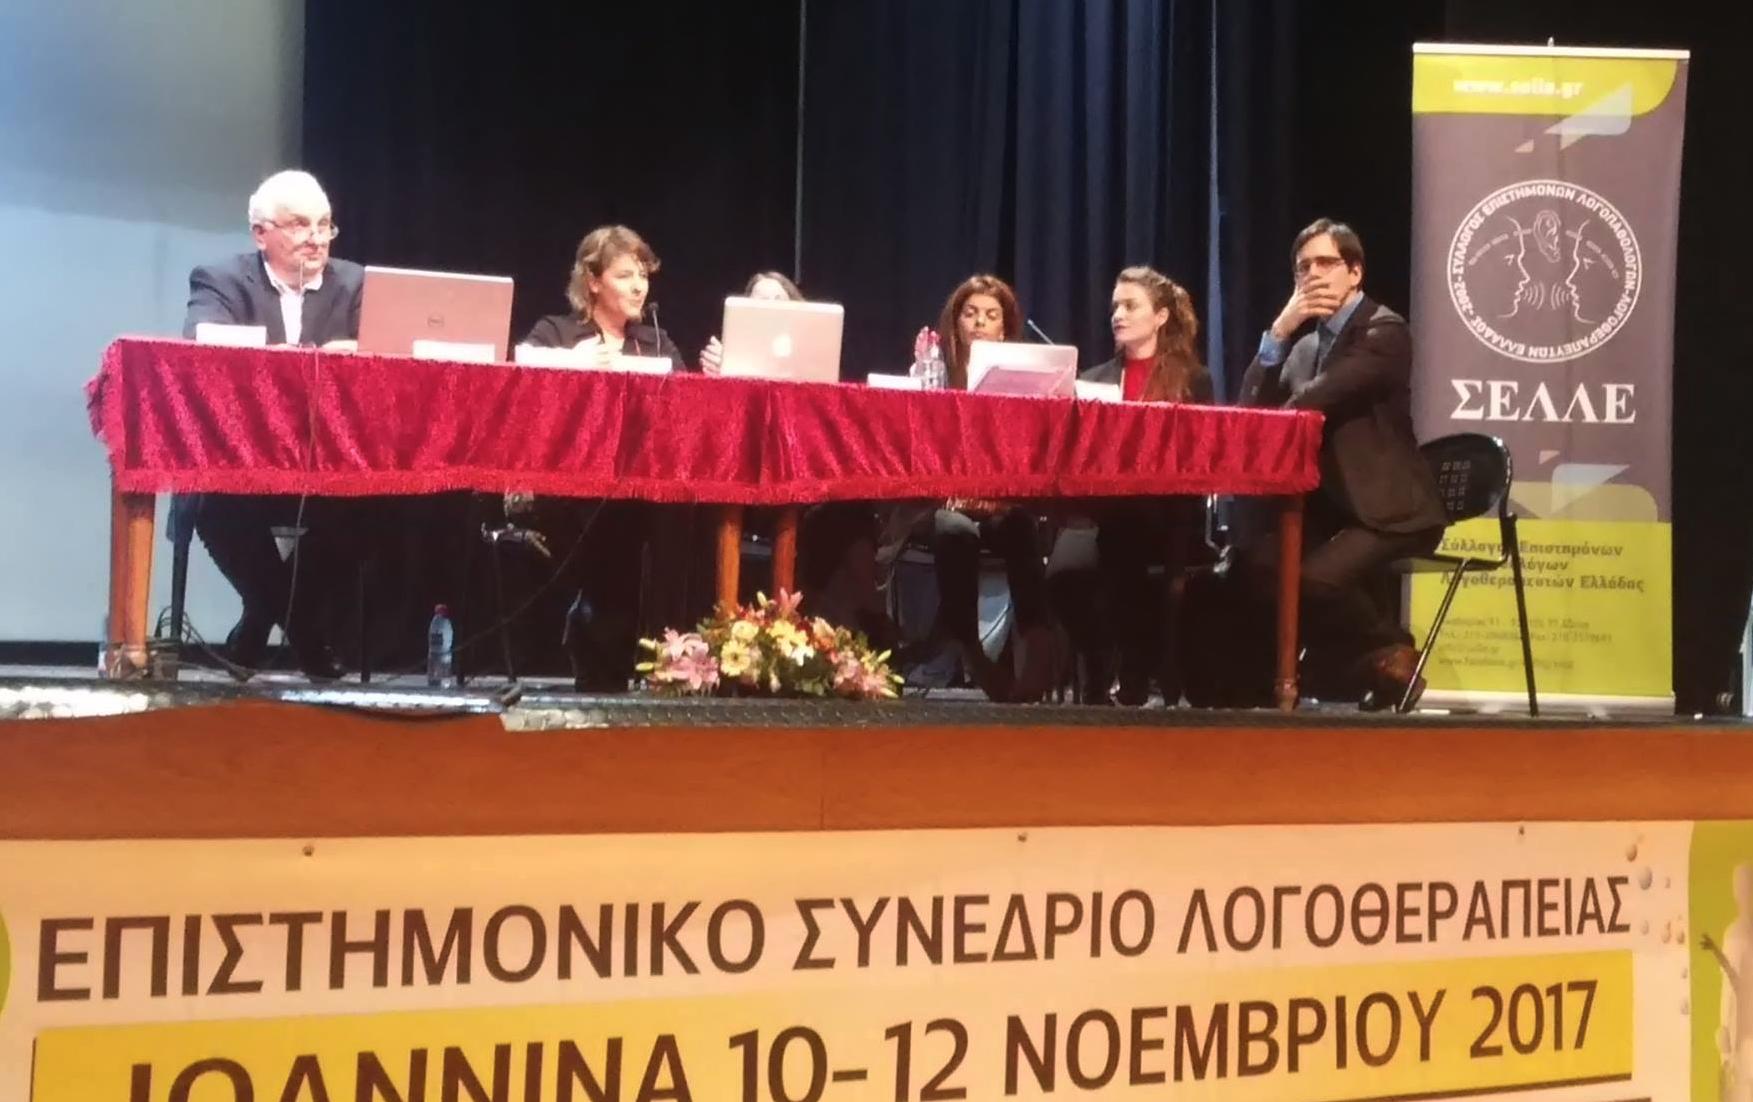 Συνέδριο Λογοθεραπείας ΣΕΛΛΕ Ιωάννινα 2014<span>Στρογγυλή τράπεζα 'Παιδί και Φωνή' </span>